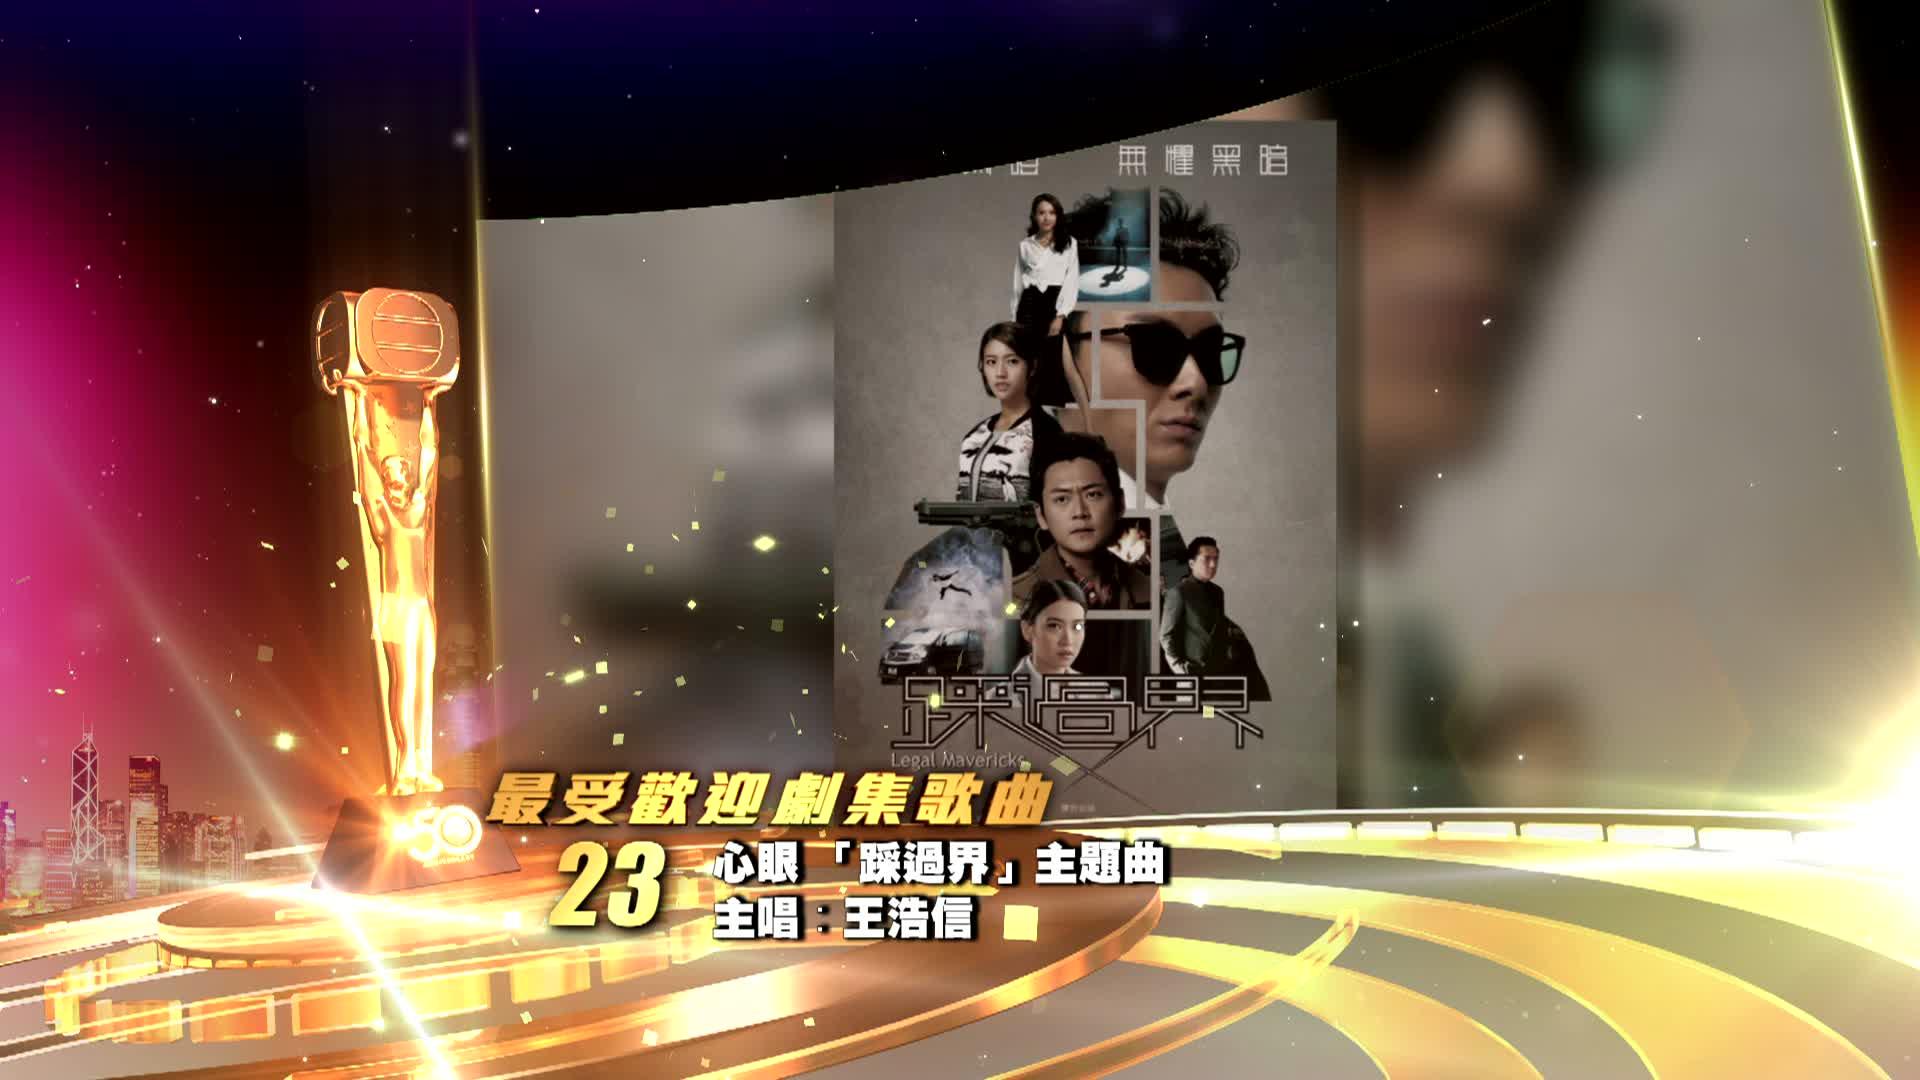 23. 王浩信-心眼《踩過界》主題曲